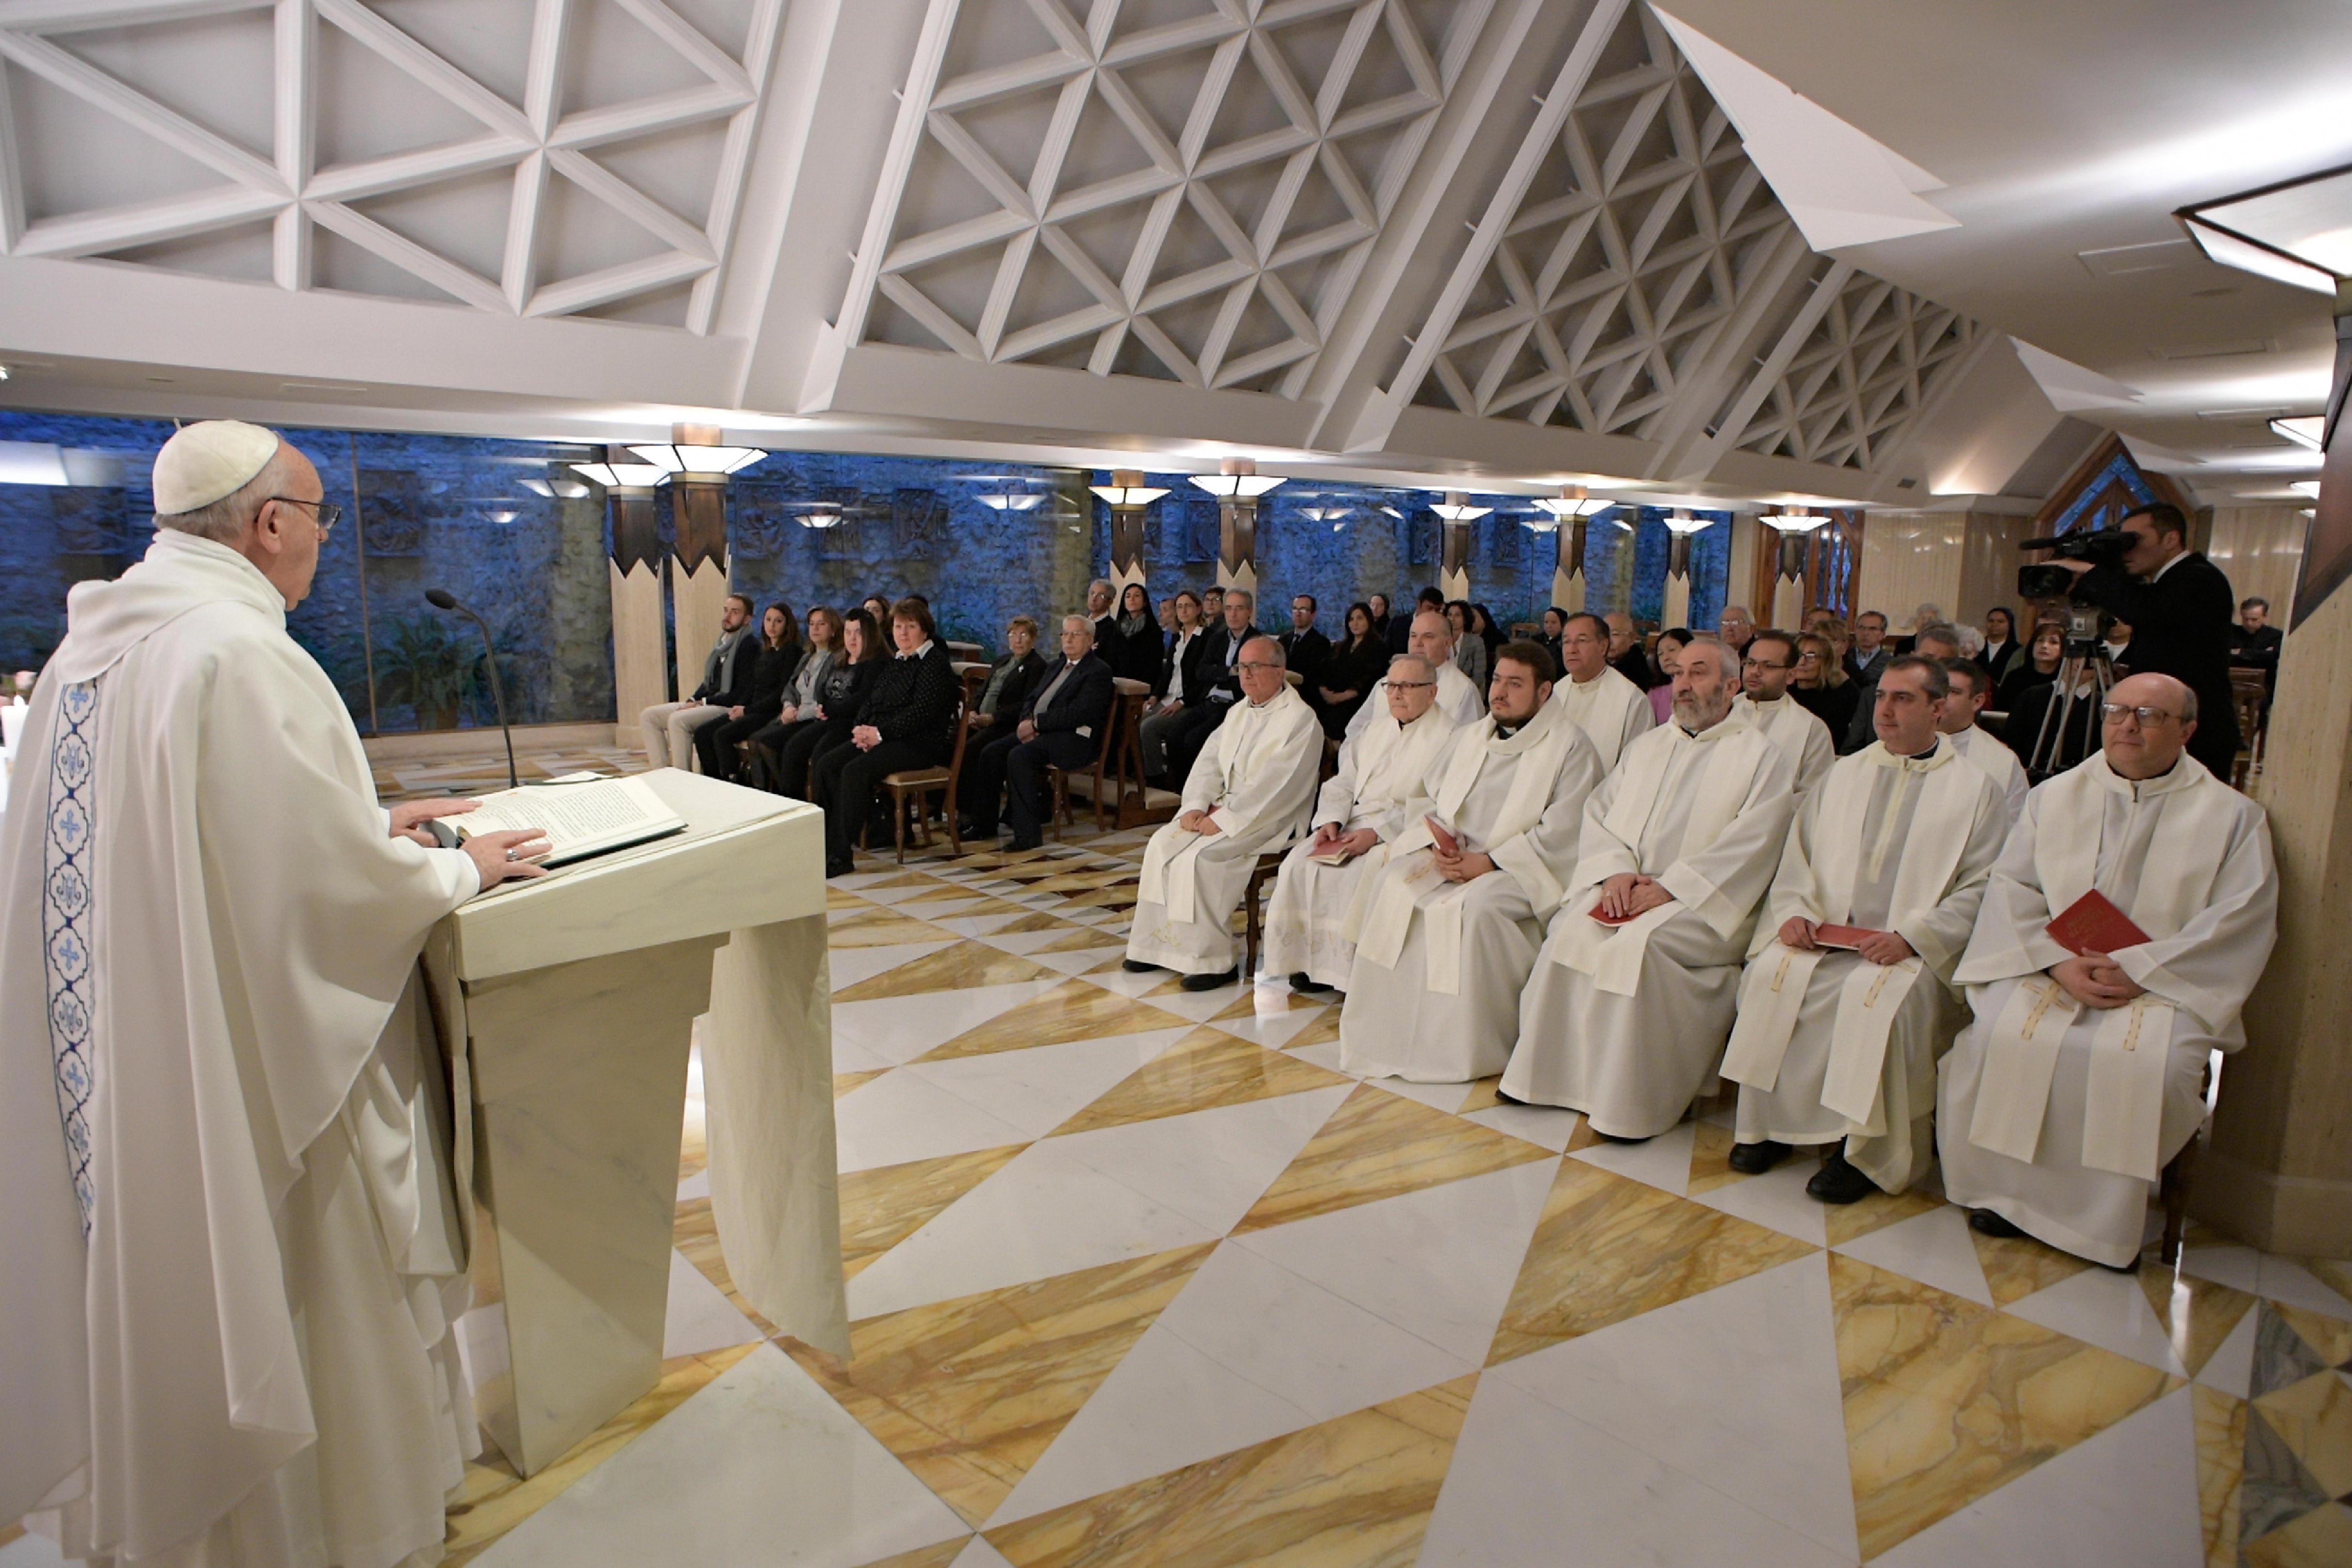 Sainte-Marthe 21/11/2017 © L'Osservatore Romano